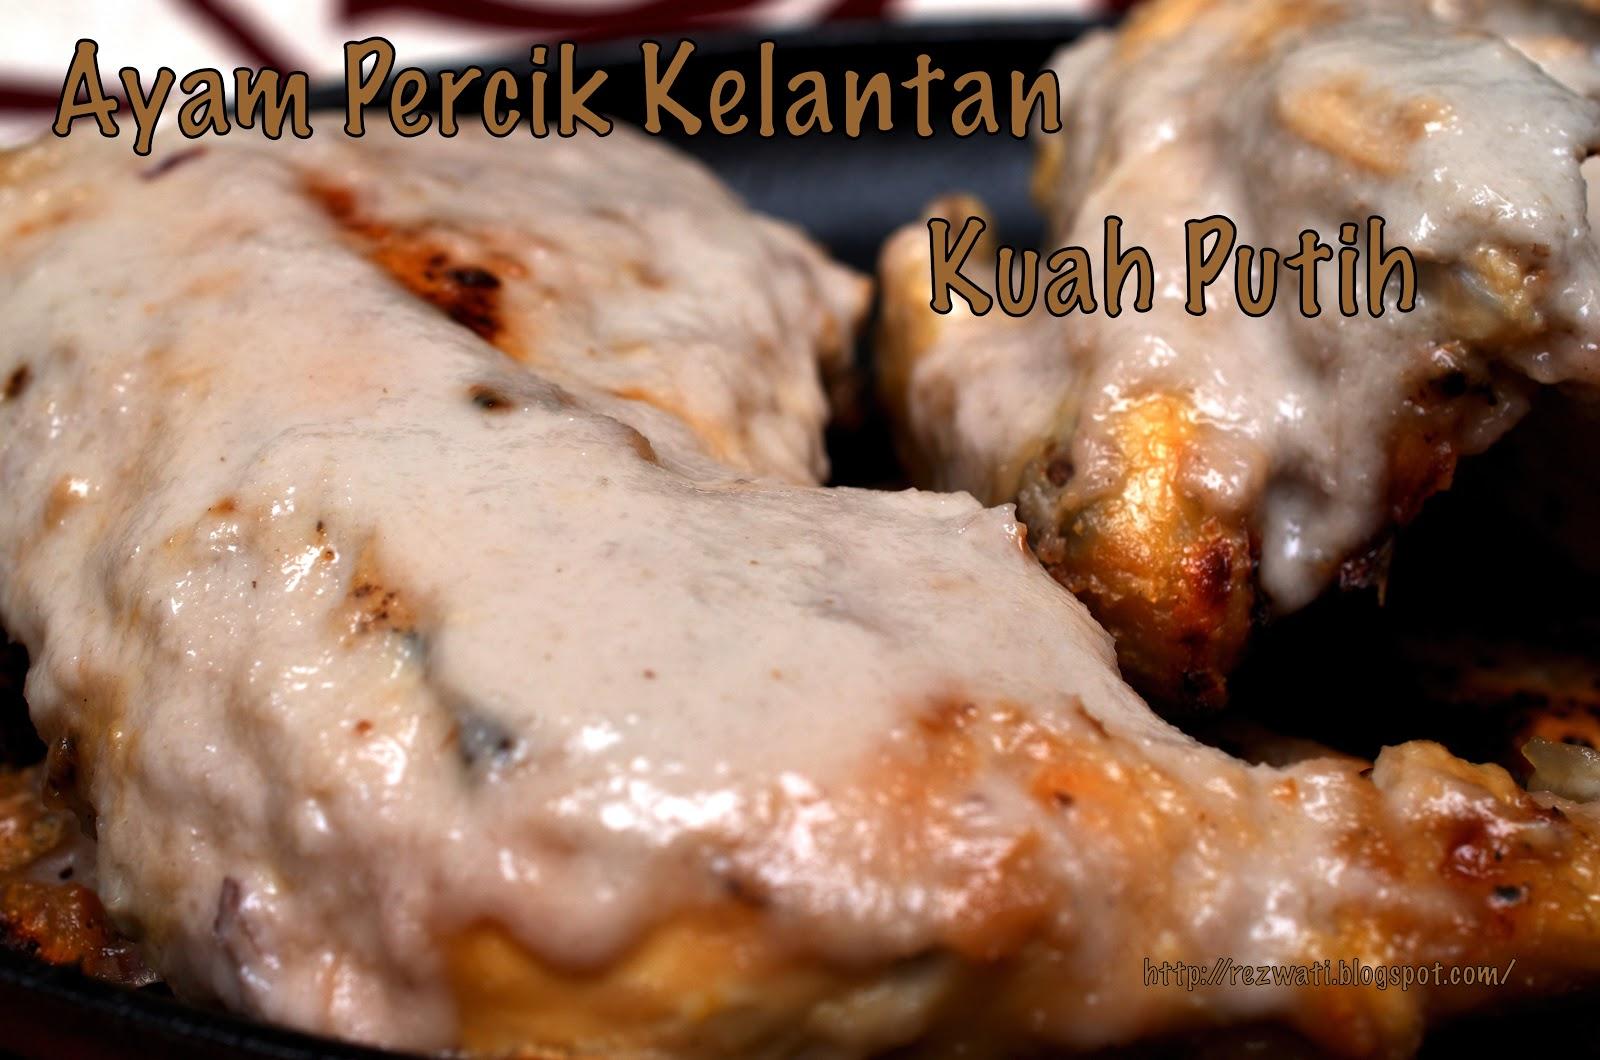 Wind Of Change Ayam Percik Kelantan Kuah Putih